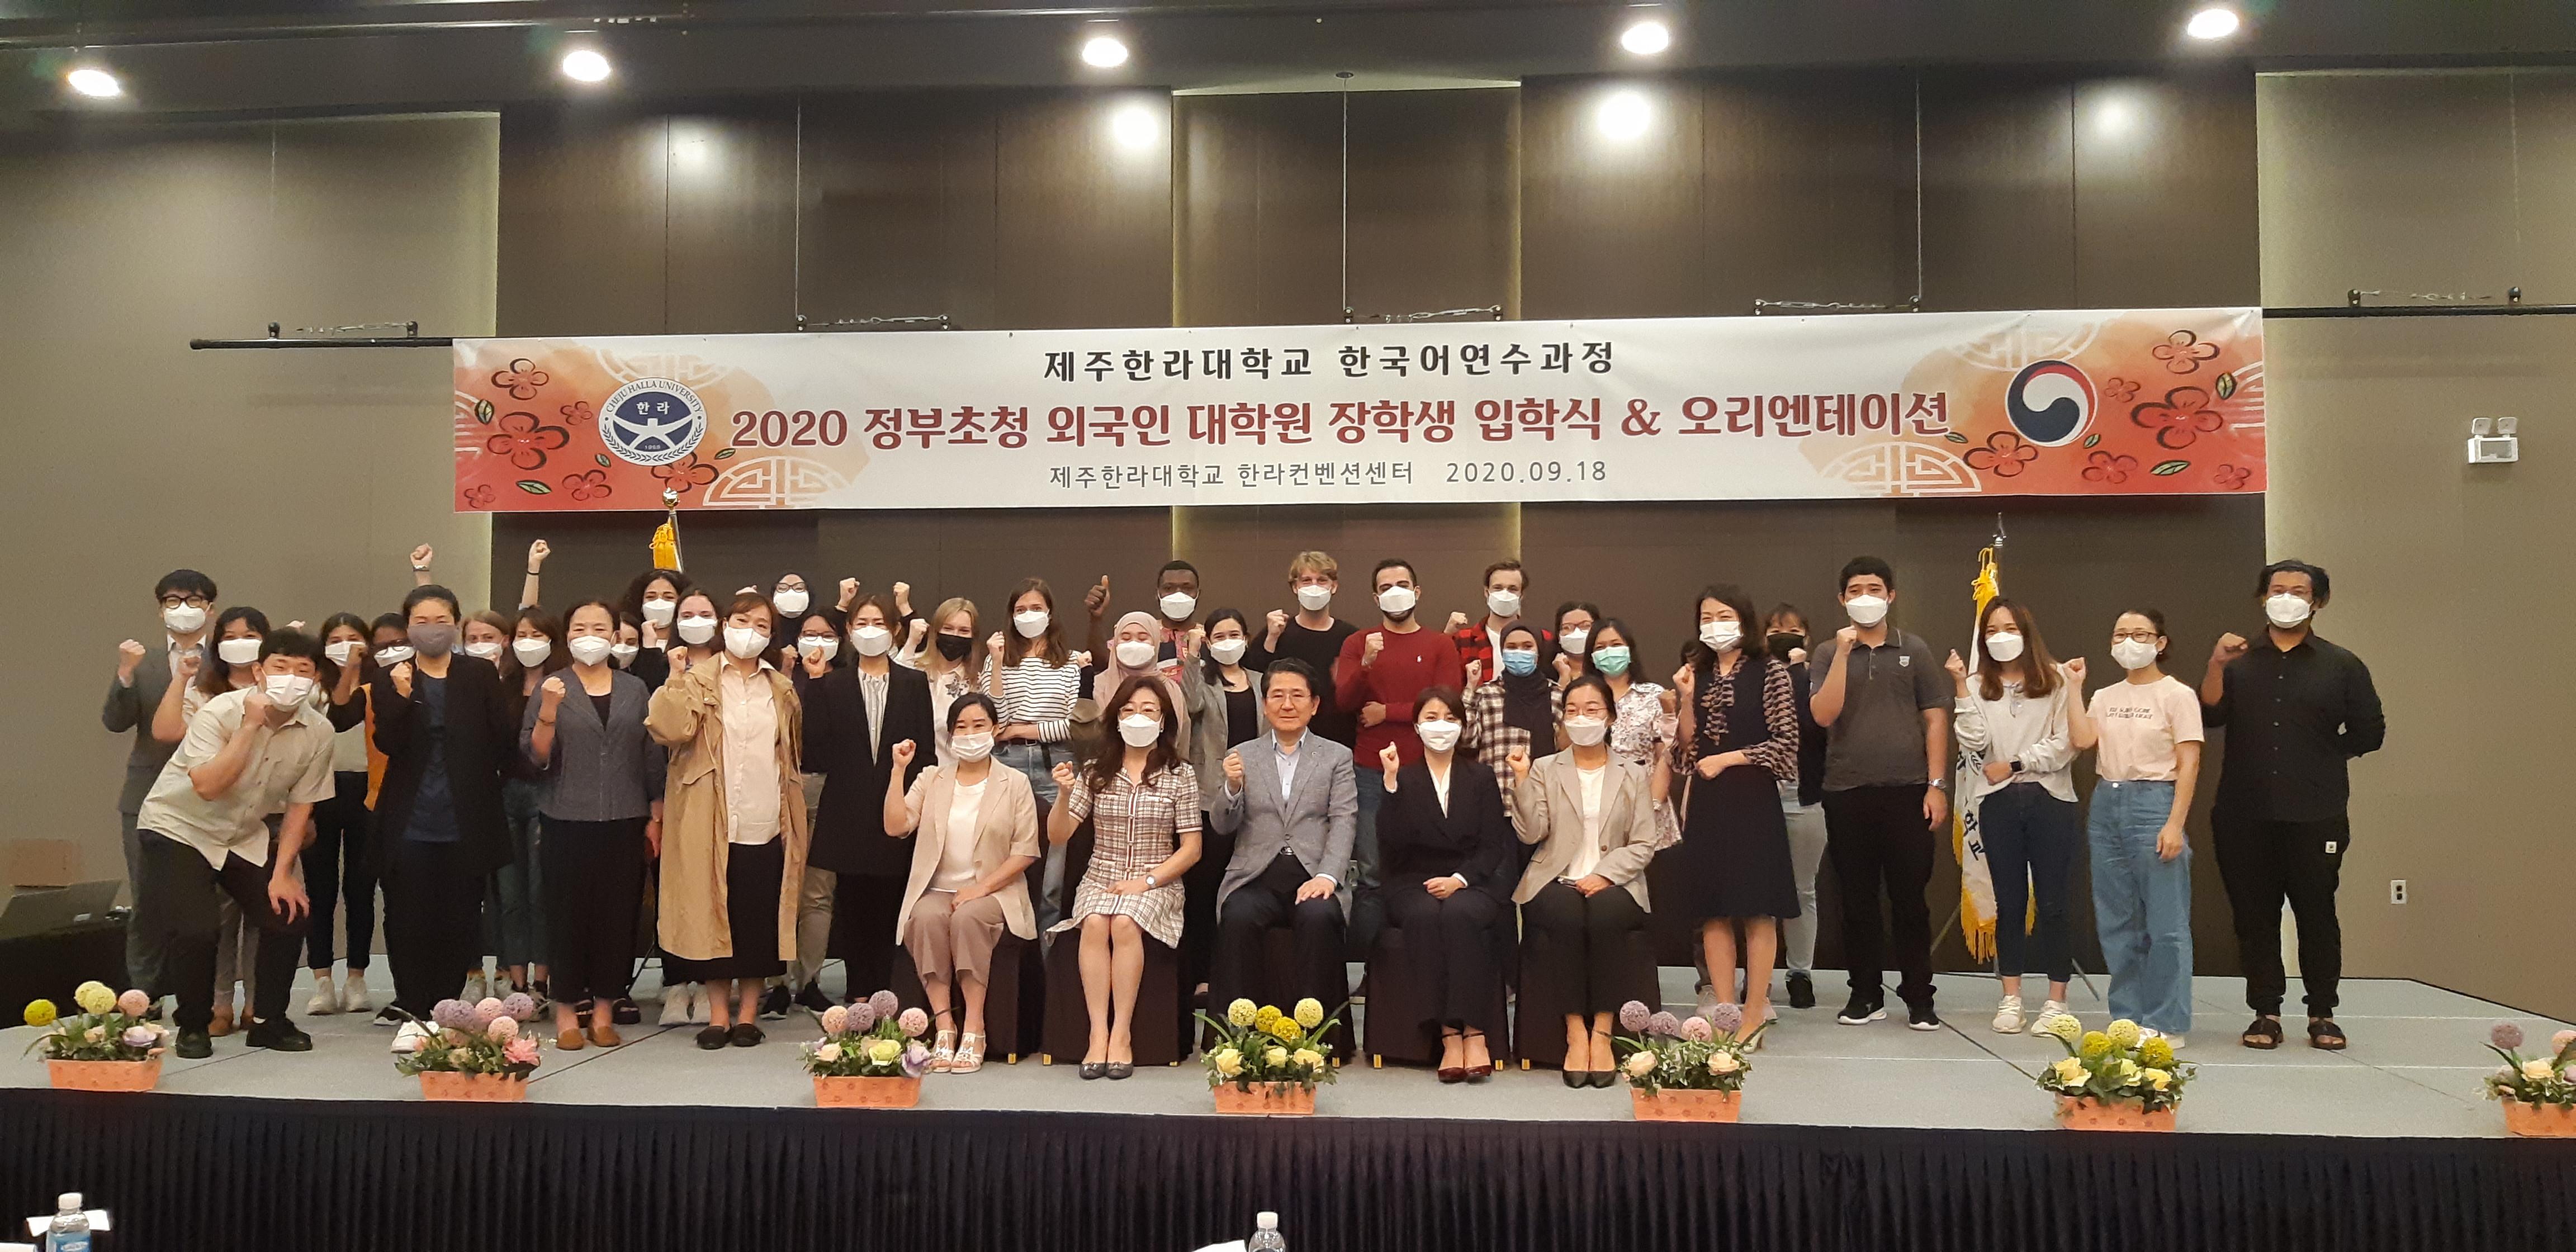 2020 정부초청 외국인 대학원 장학생 한국어 연수과정 입학식 및 오리엔테이션 개최0